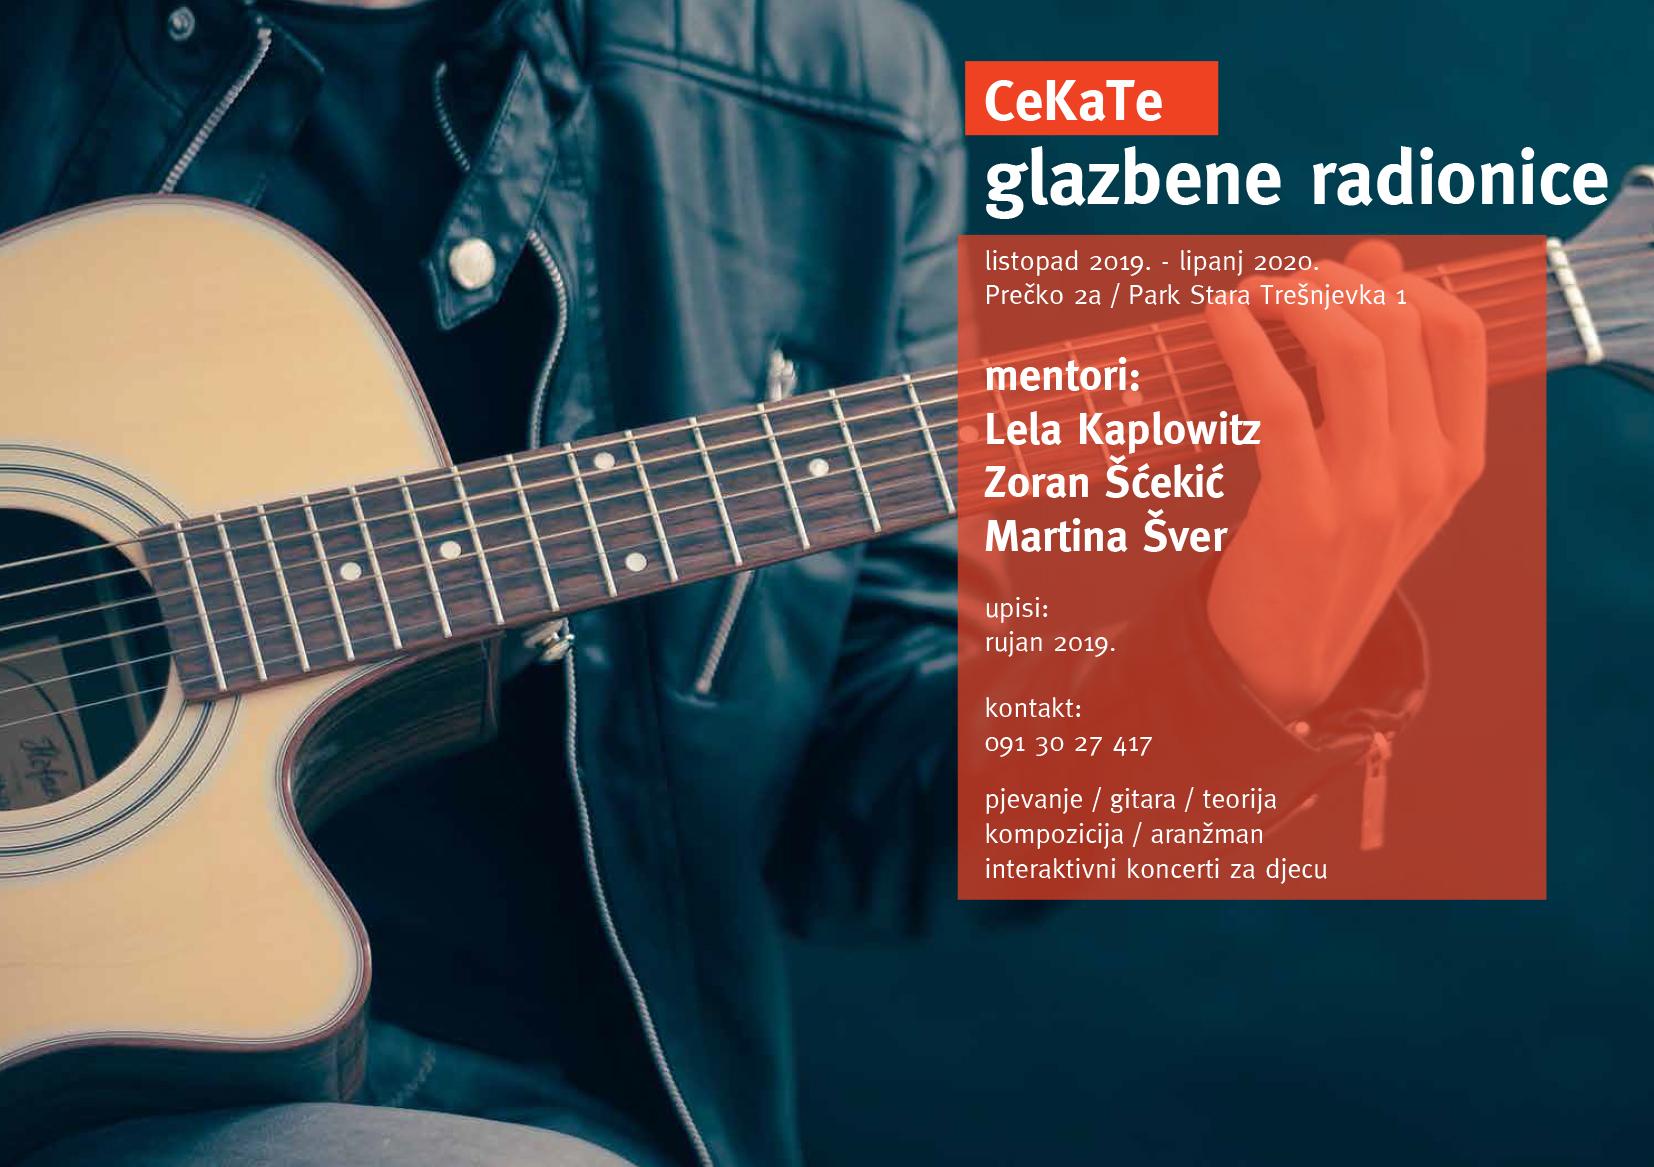 Upisi u glazbene radionice CeKaTe-a 2019./2020.